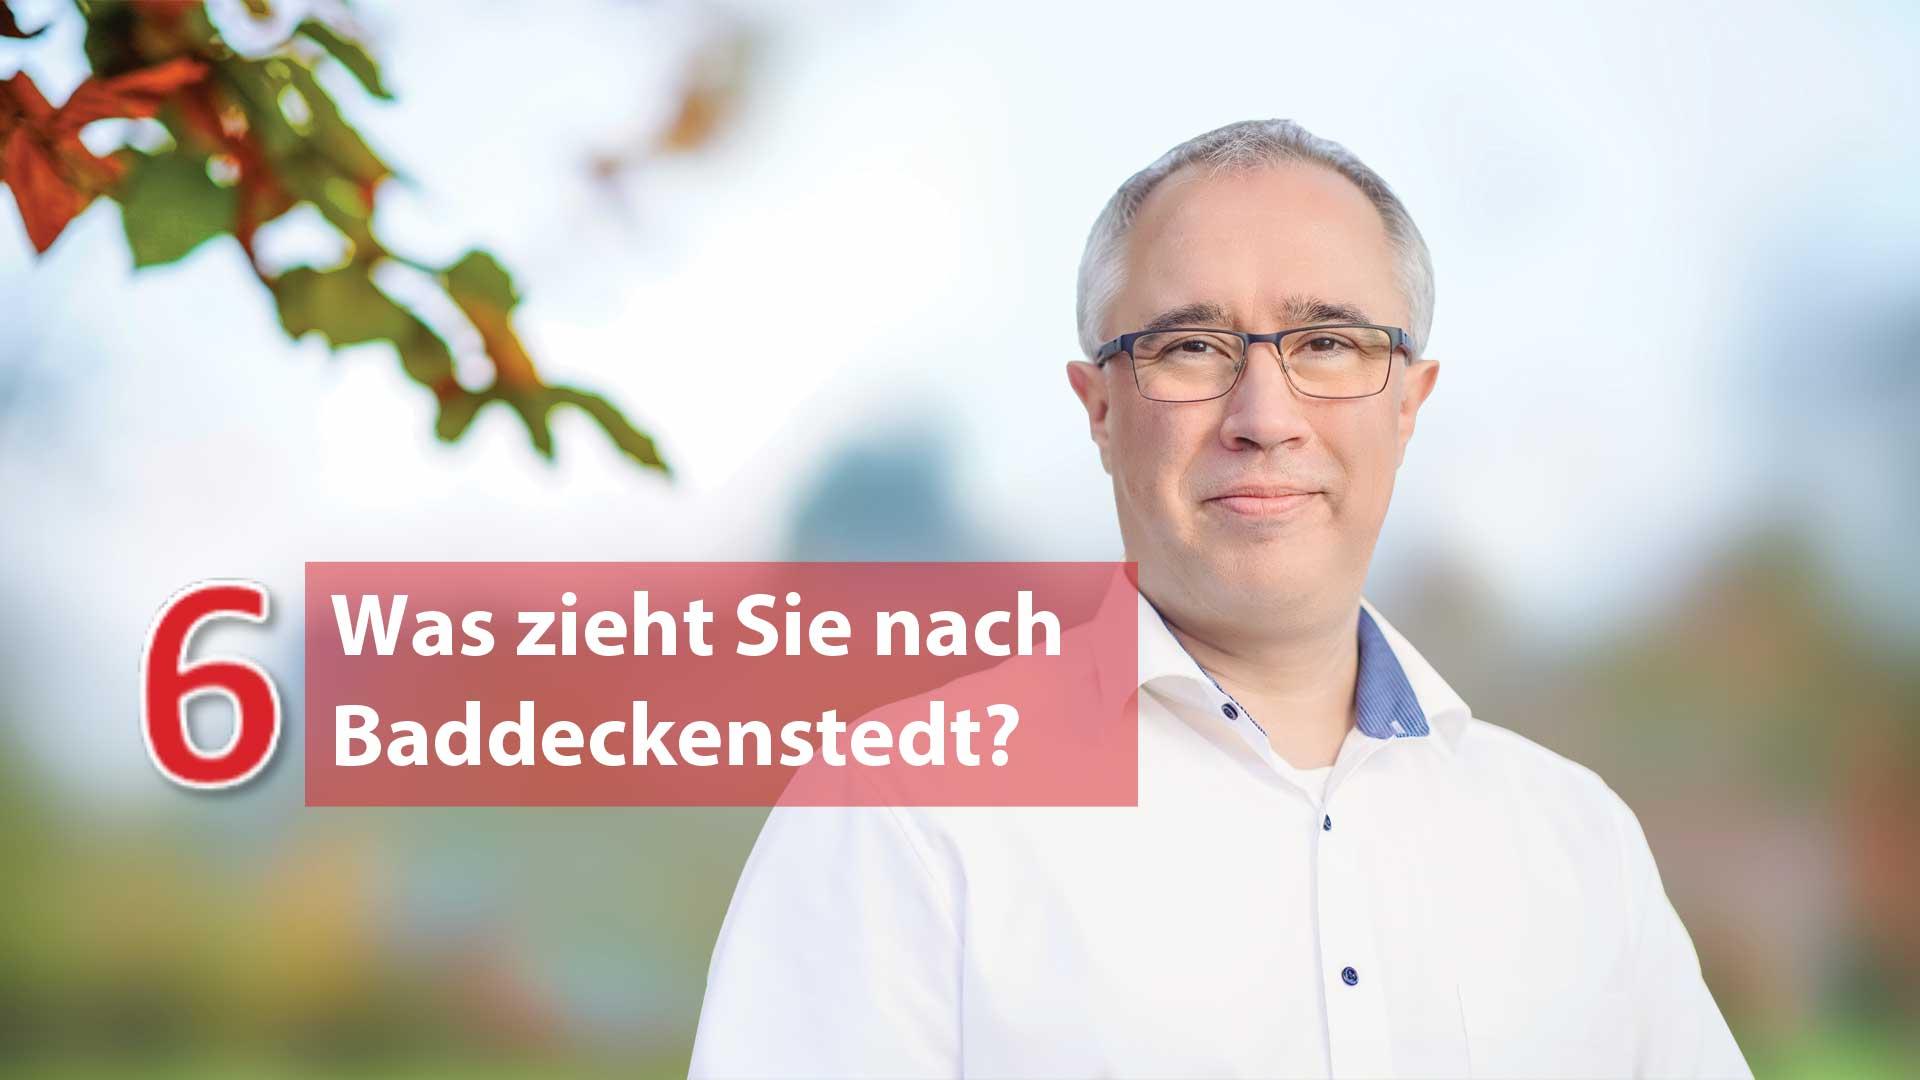 Fragen und Antworten von Dr. Dirk Fornahl Bürgermeister Baddeckenstedt